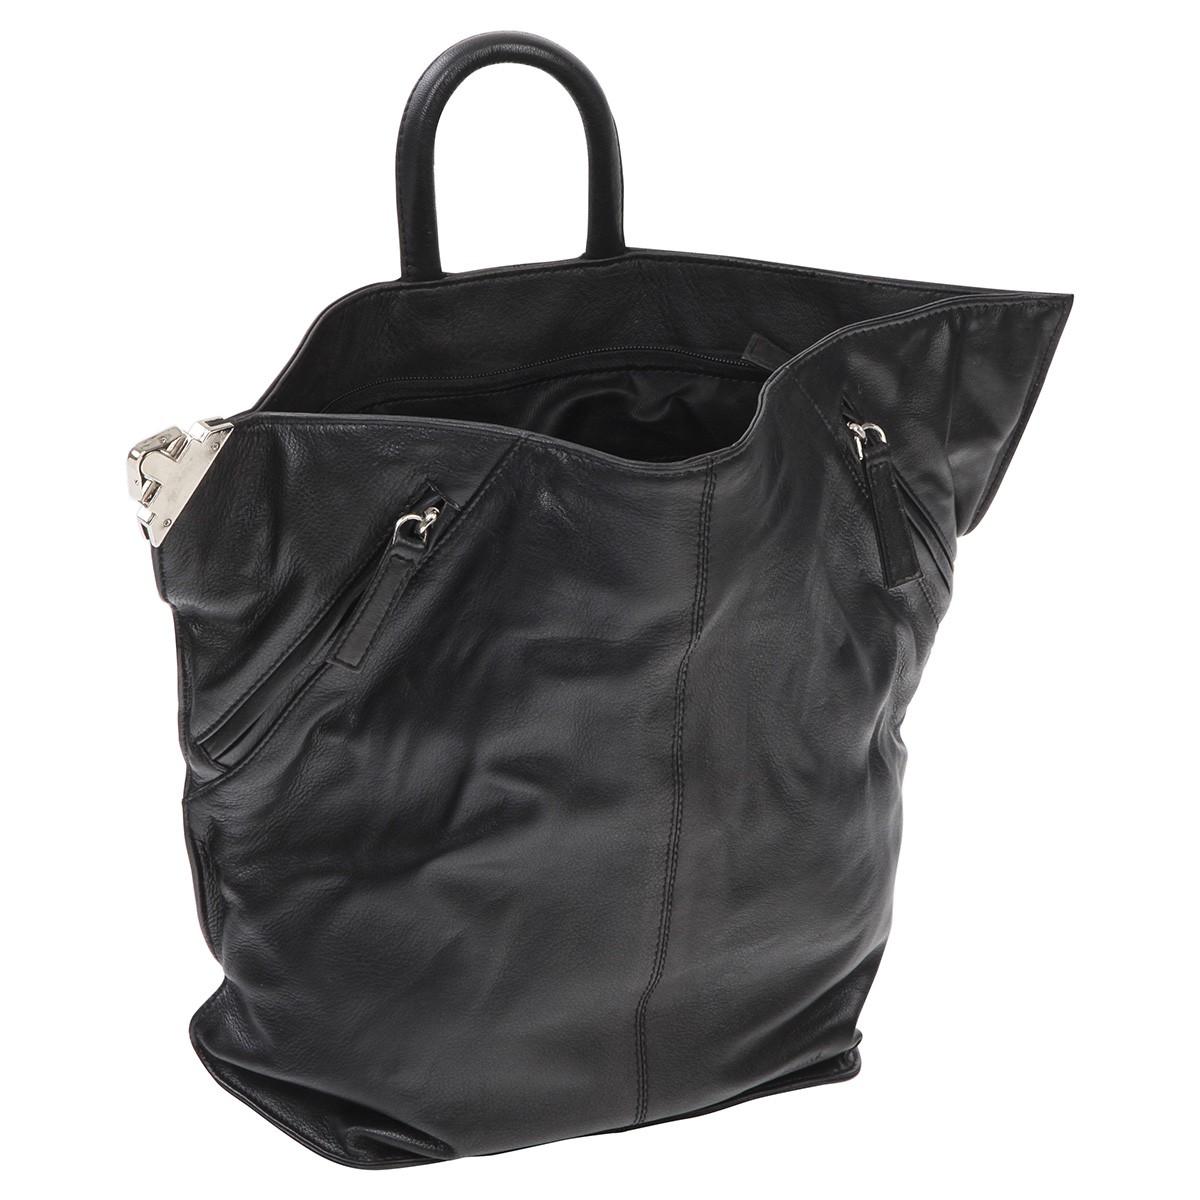 eastline damen rucksack damenrucksack lederrucksack ladies 39 bag city schwarz. Black Bedroom Furniture Sets. Home Design Ideas